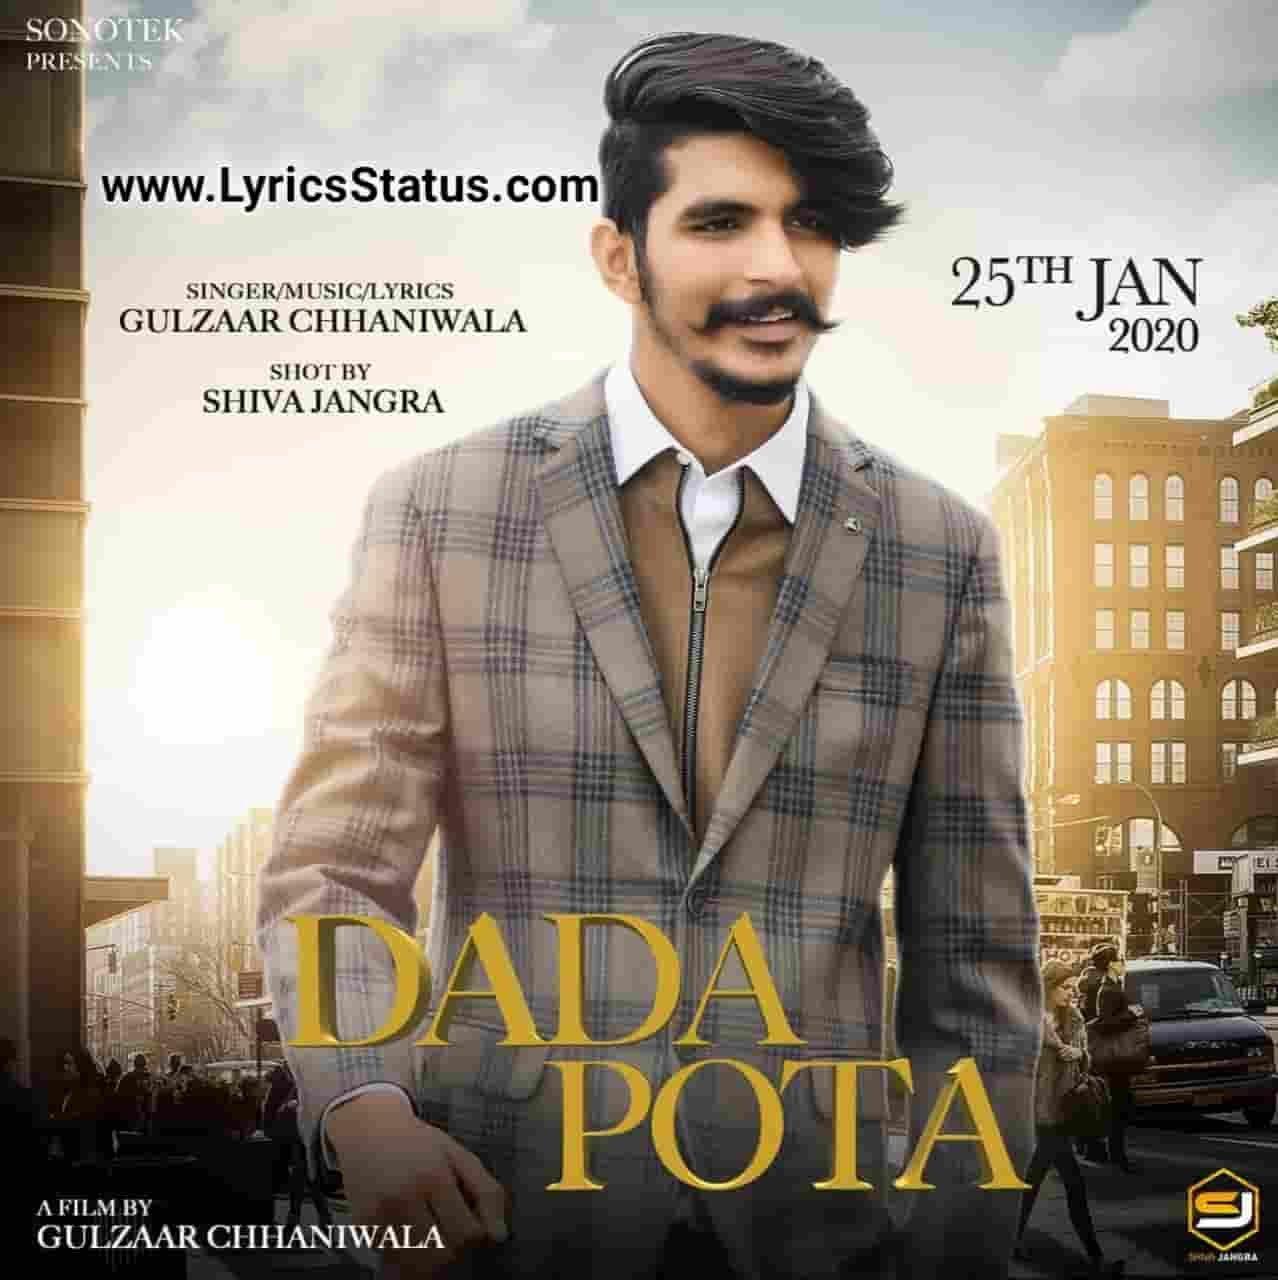 Gulzaar Chhaniwala Mud ke ne Aaja Dada Pota Lyrics status download haryanvi song Re Mud Ke Ne Aaja Dada Pota Yo Tera Betha Ro Reha status video